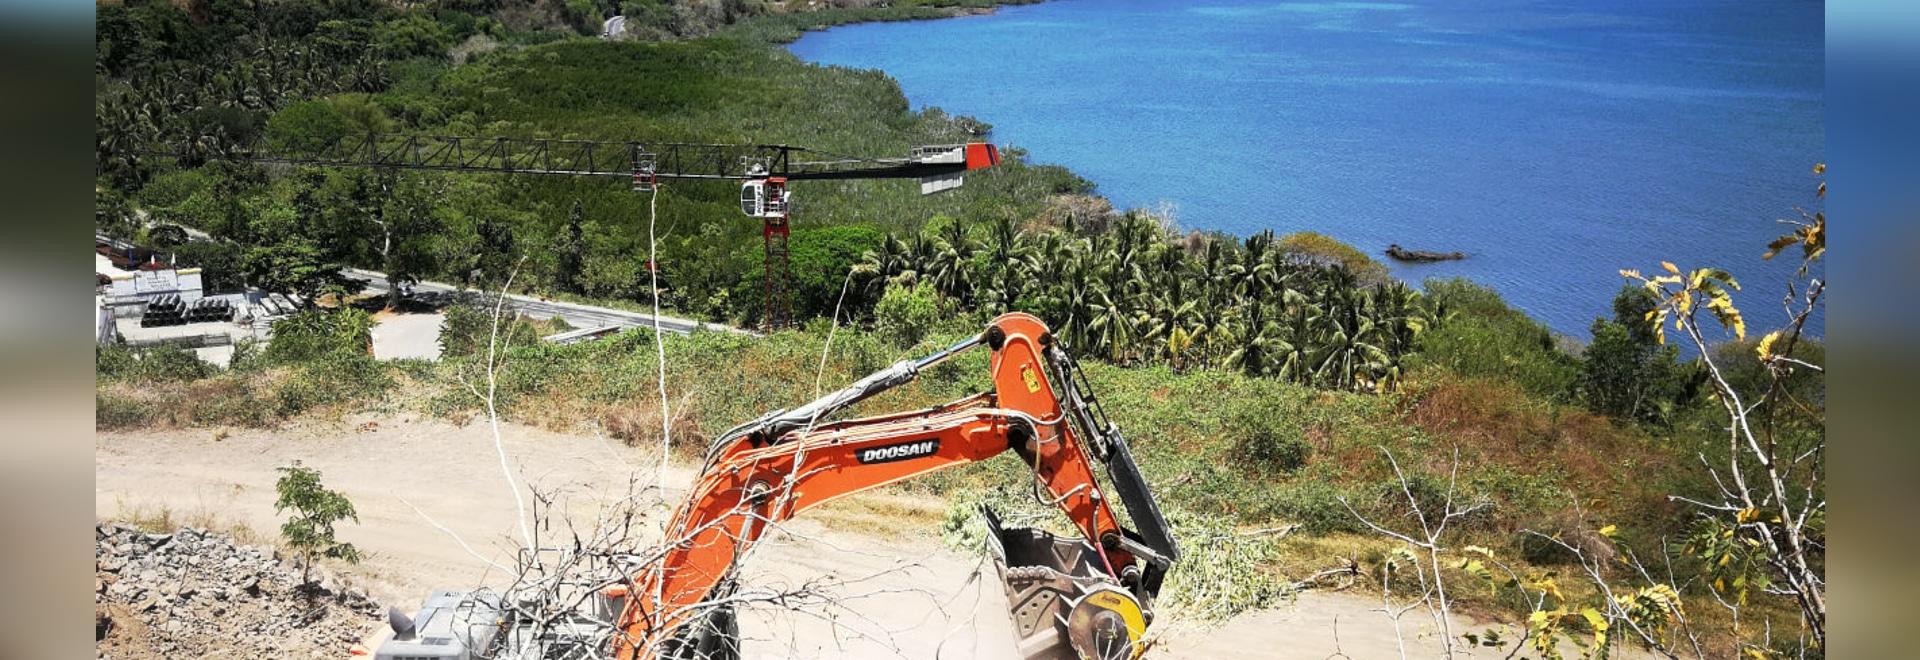 Godet Concasseur BF135.8 - Mayotte